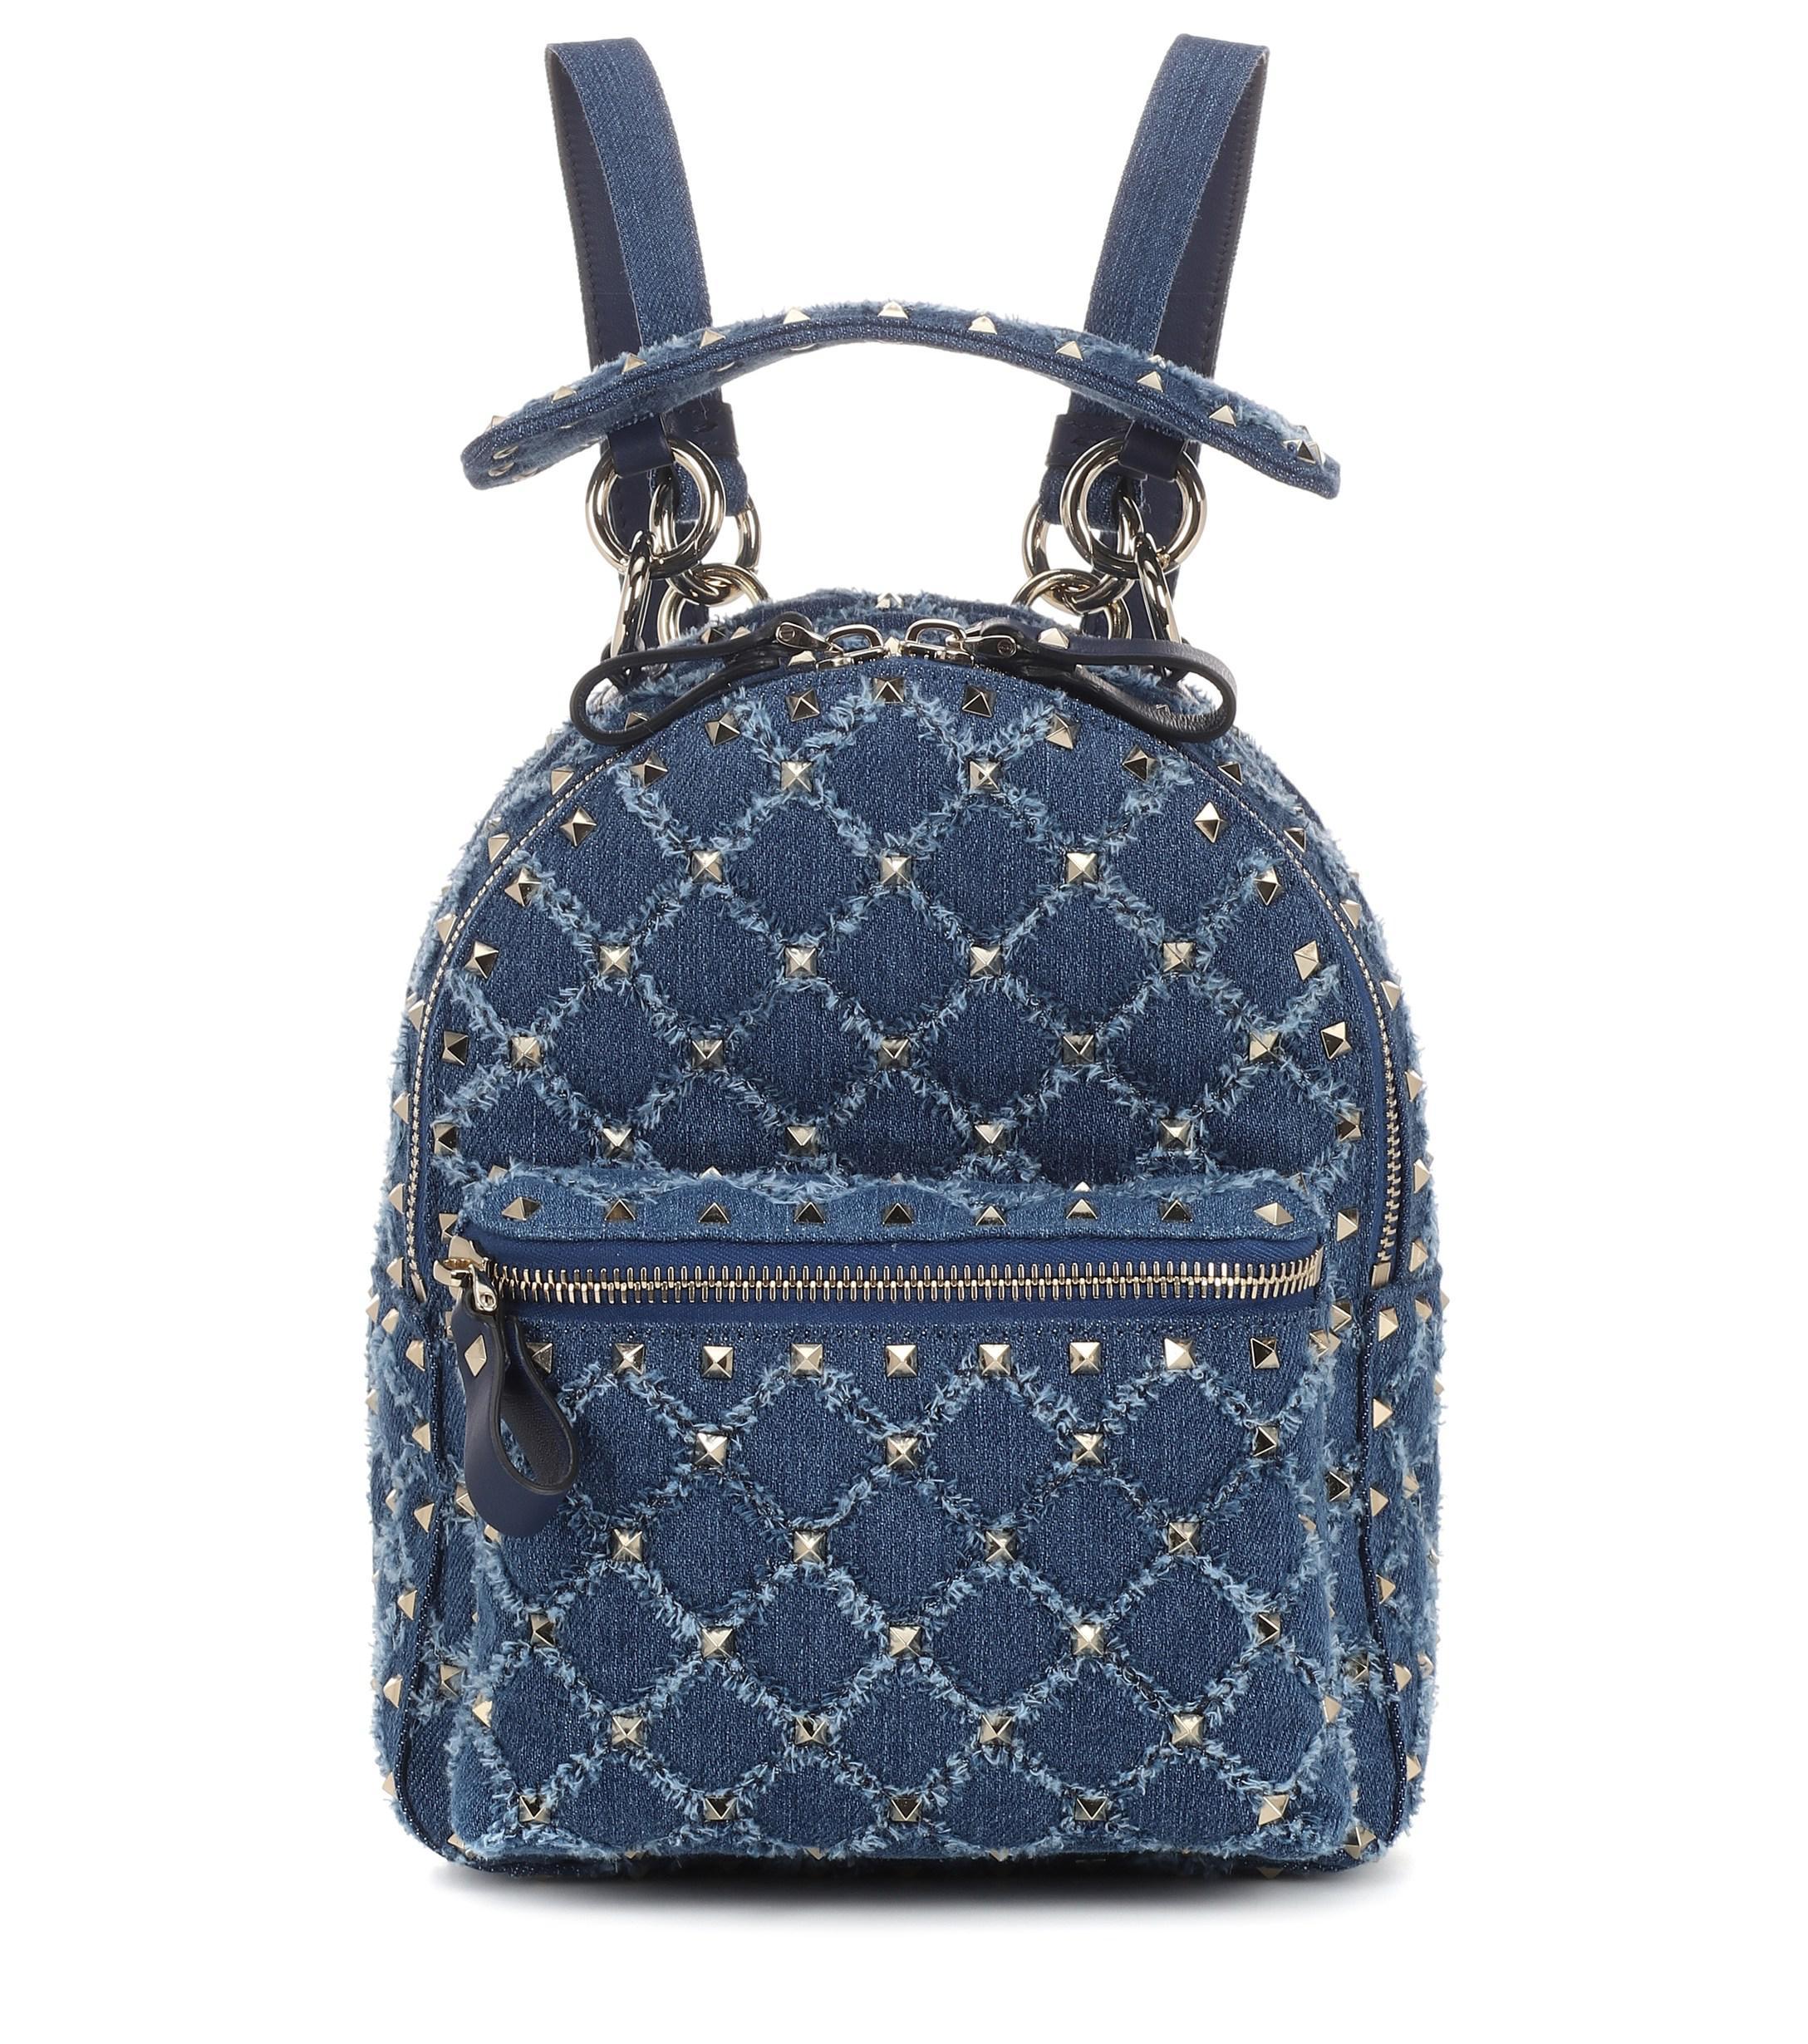 Valentino blue rockstud spike mini denim backpack view fullscreen jpg  2176x2460 Blue spike backpack bdb0e37f31a3b